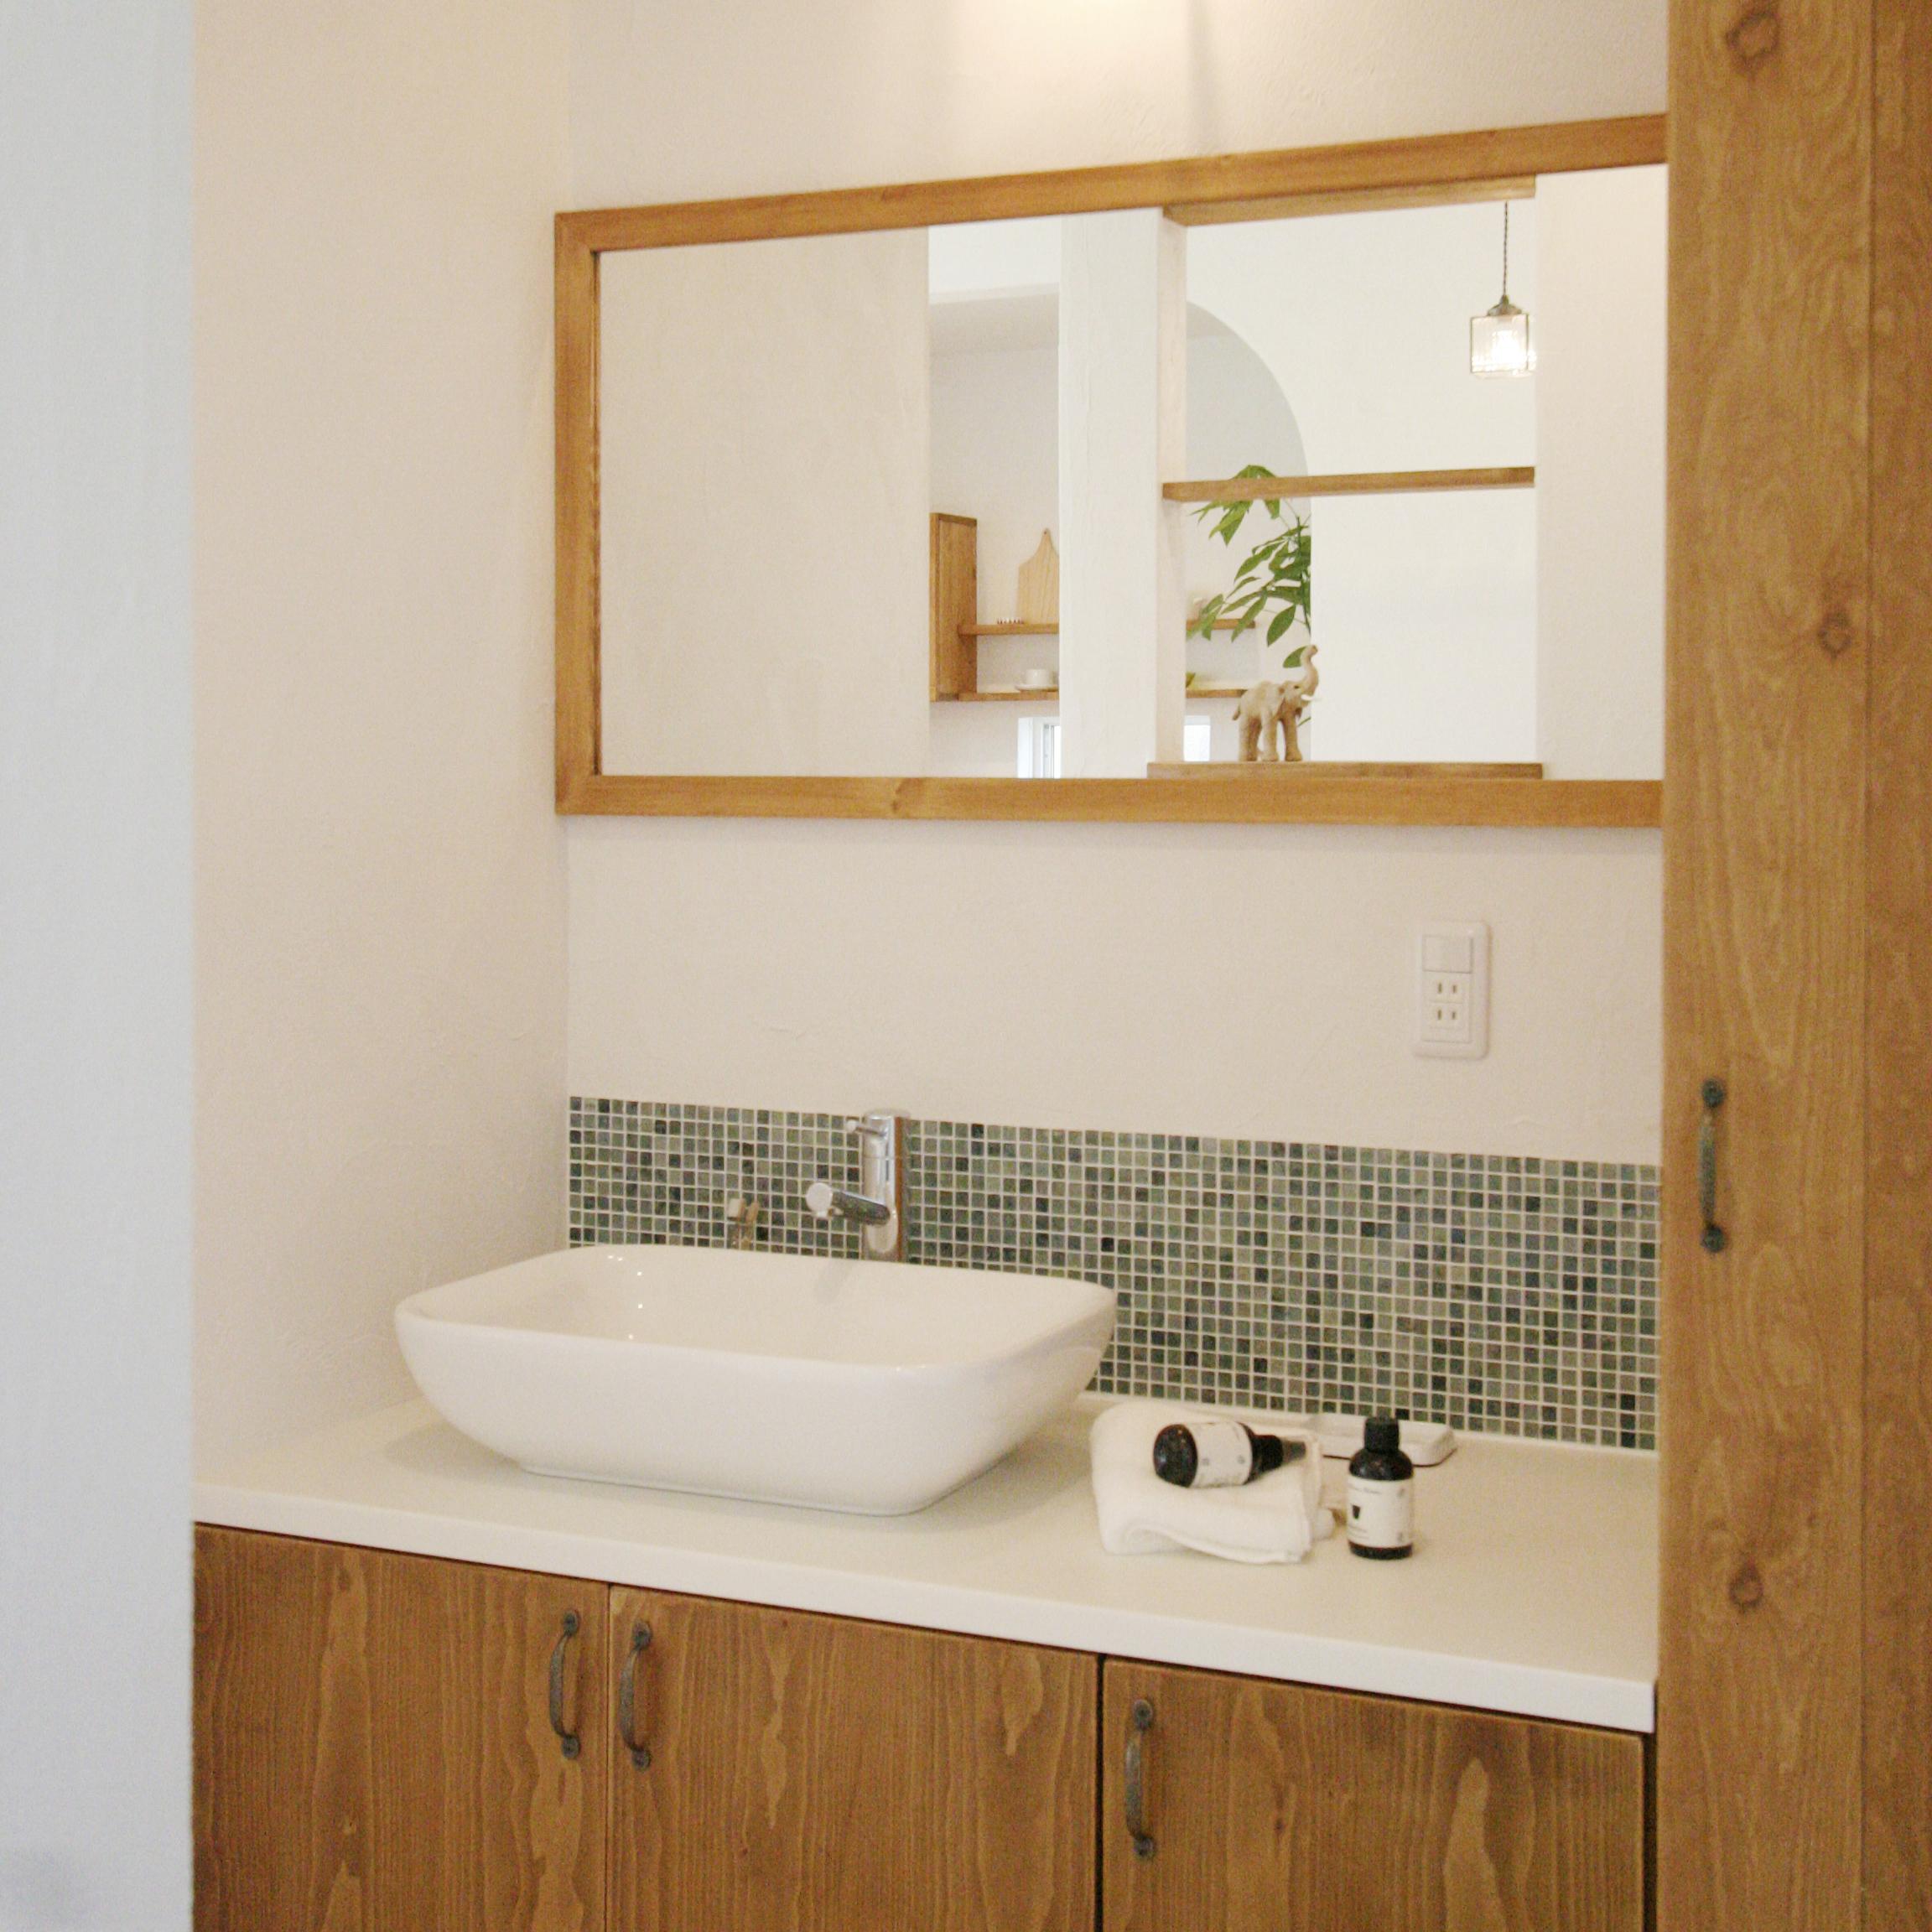 広々使える独立洗面台。2人並んで使用することができます。また、天板を白い人工大理石にしたことで、お手入れもラクラク♪